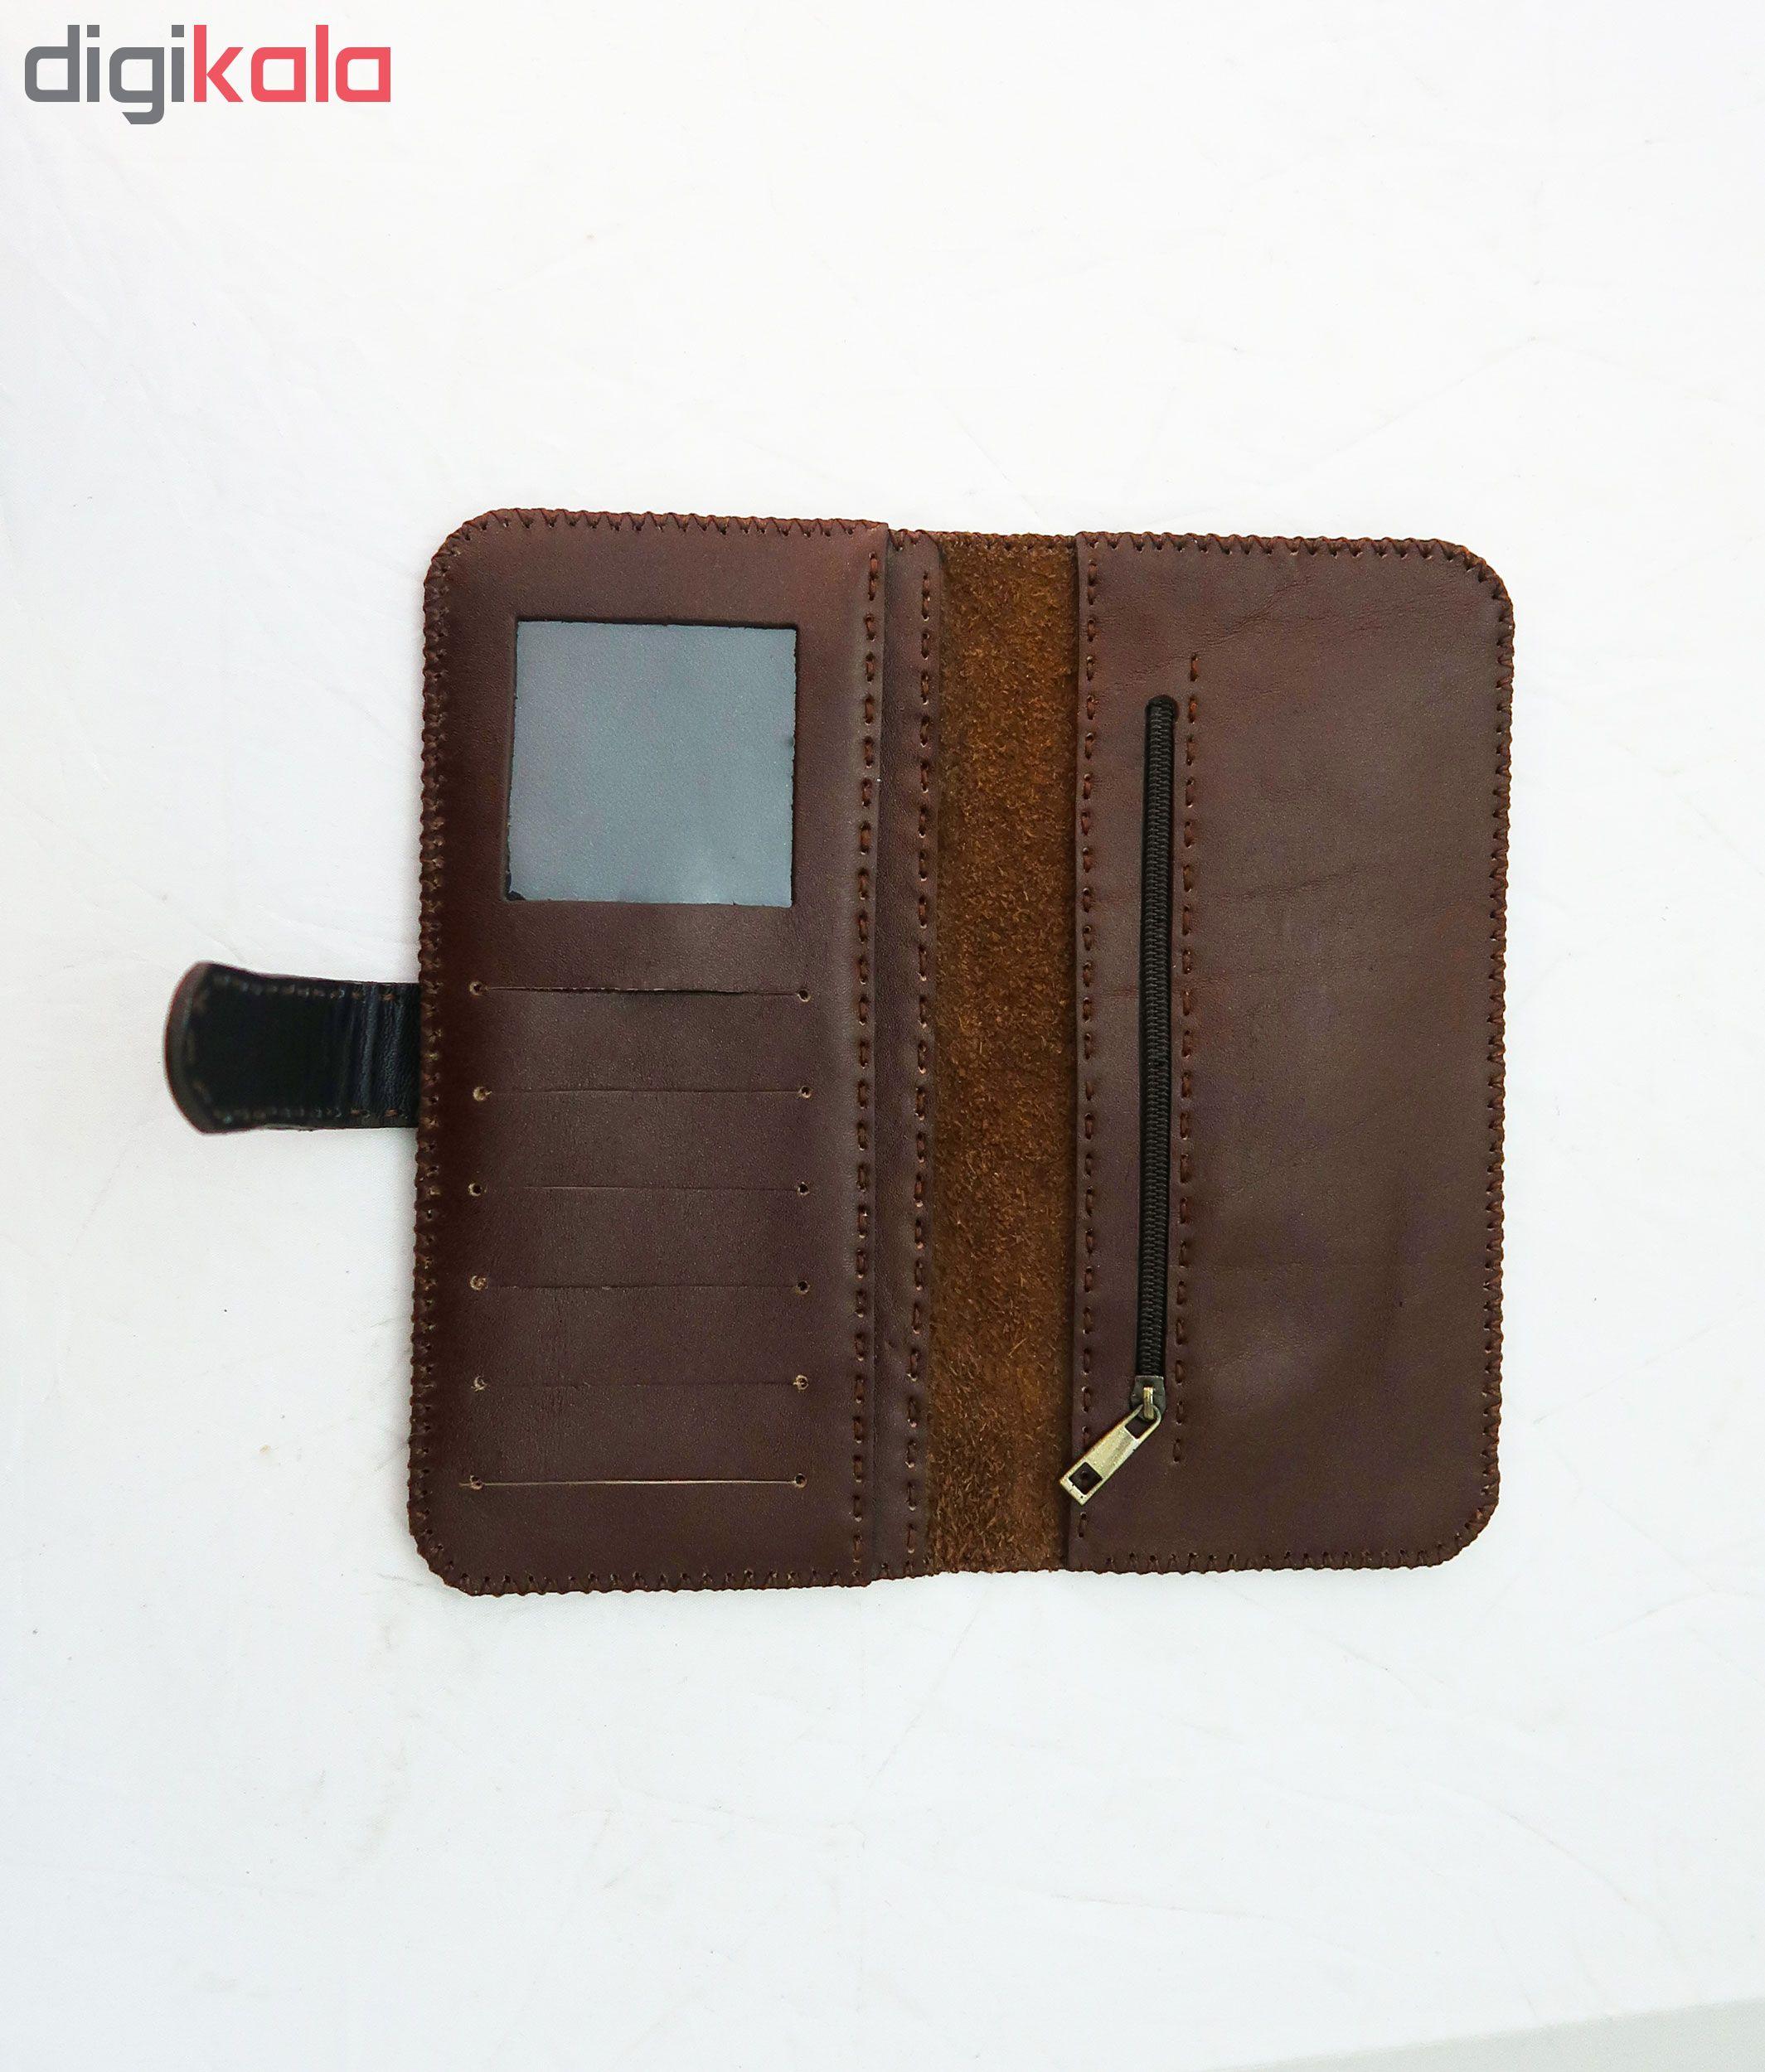 کیف پول چرمی مدل bik-wo-036